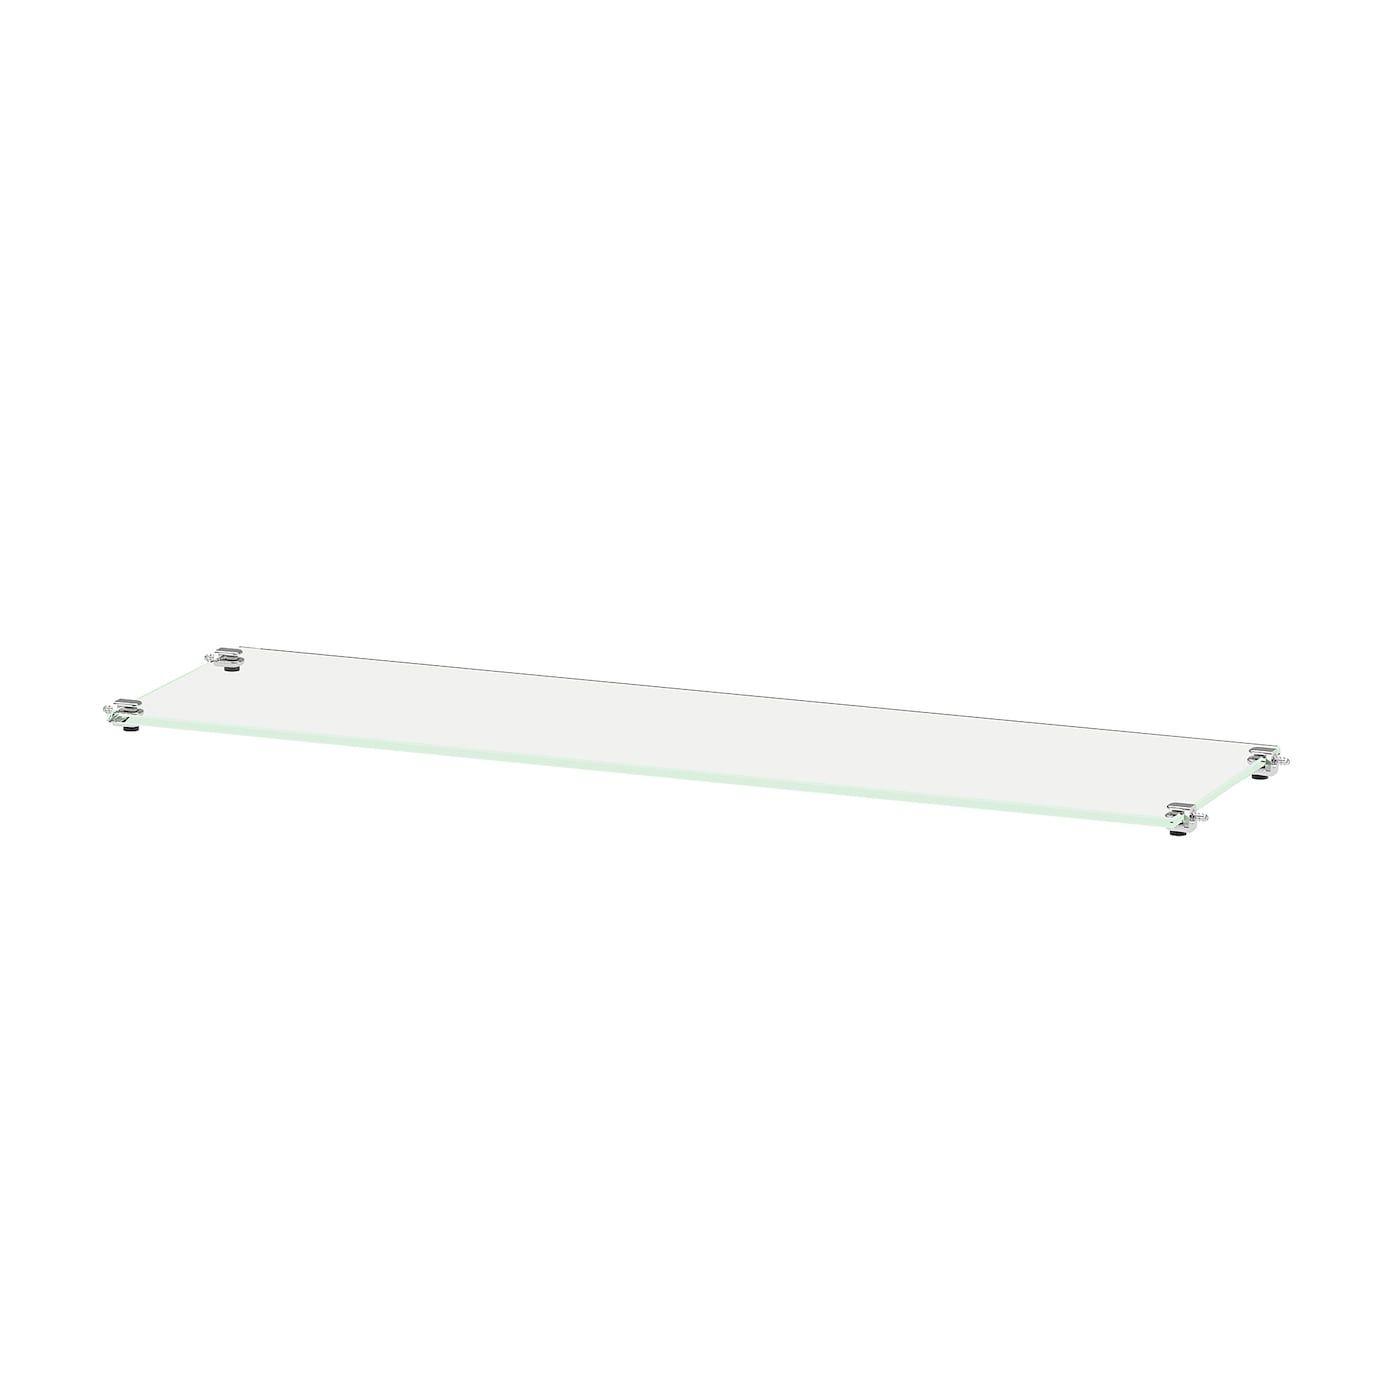 Besta Glaseinlegeboden Glas Ikea Deutschland In 2020 Glazen Planken Glas Ikea